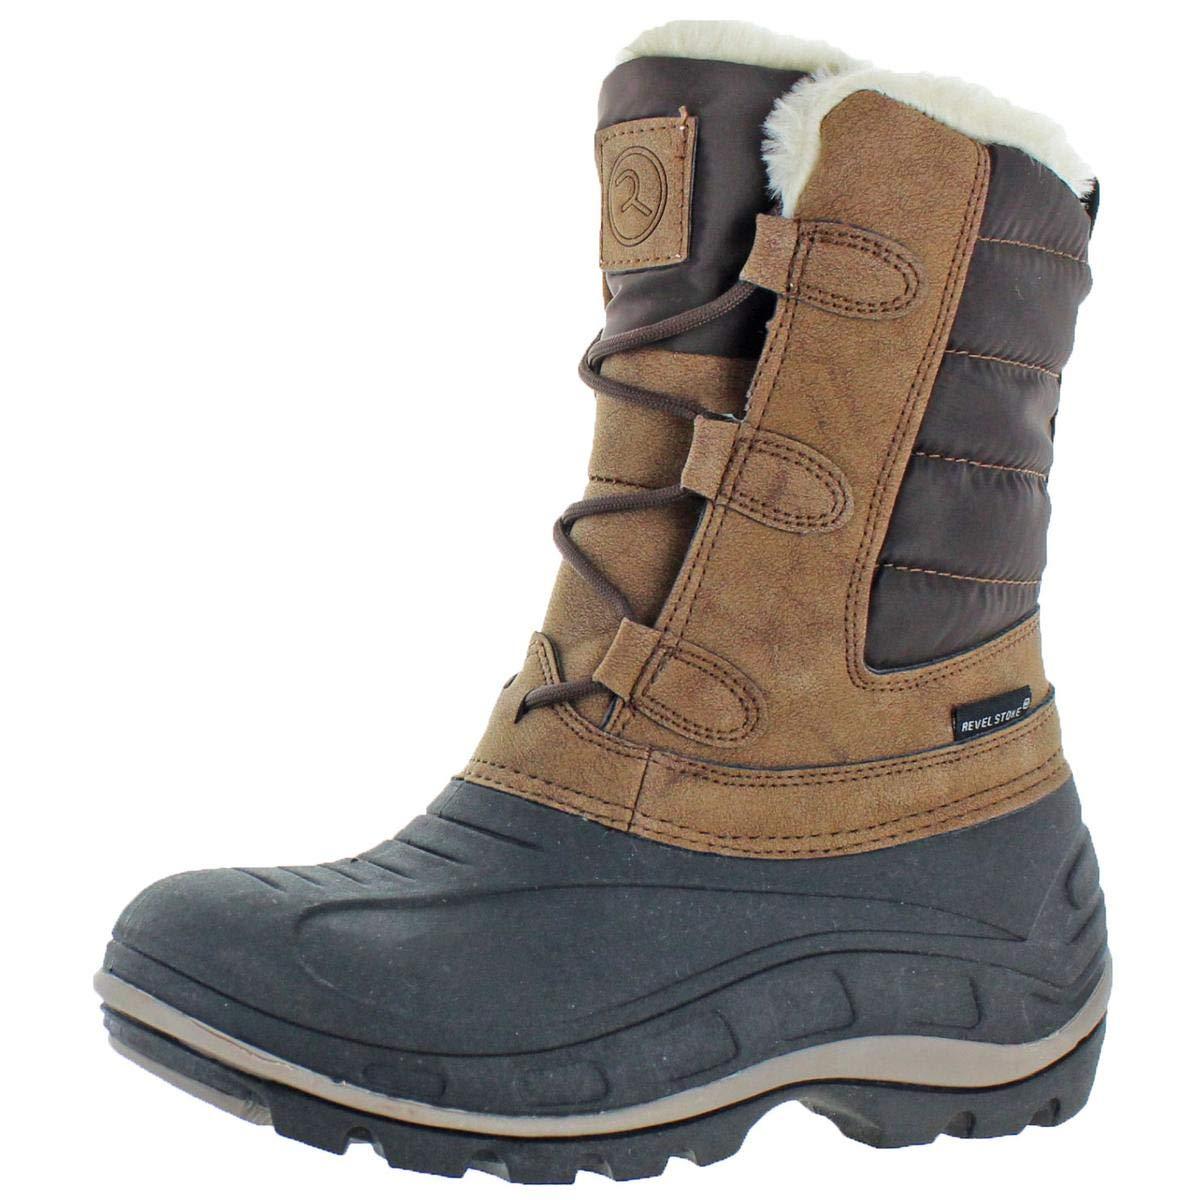 Revelstoke Hannah Women's Waterproof Winter Snow Boots